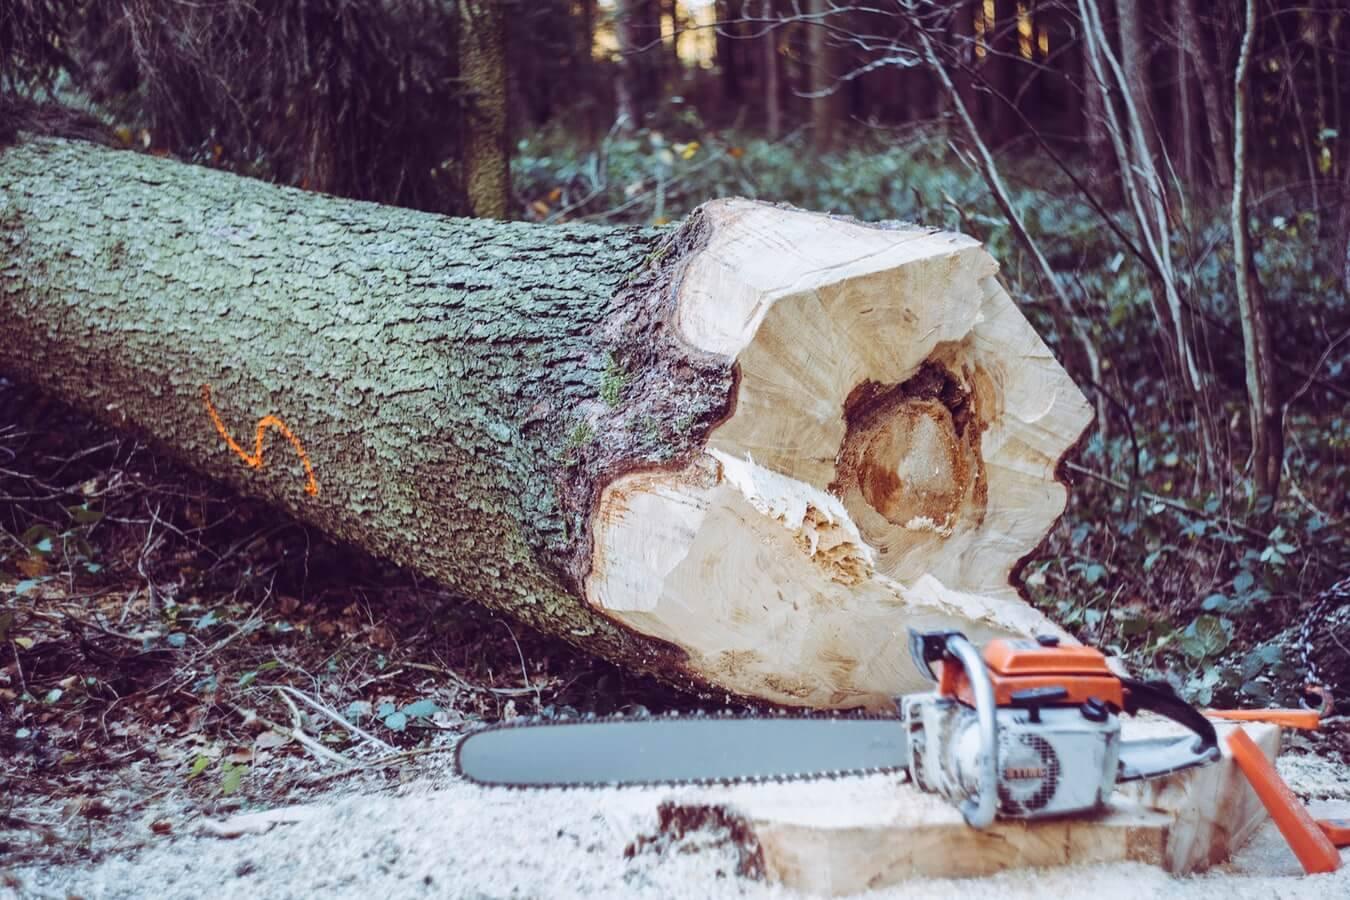 Posek dreves